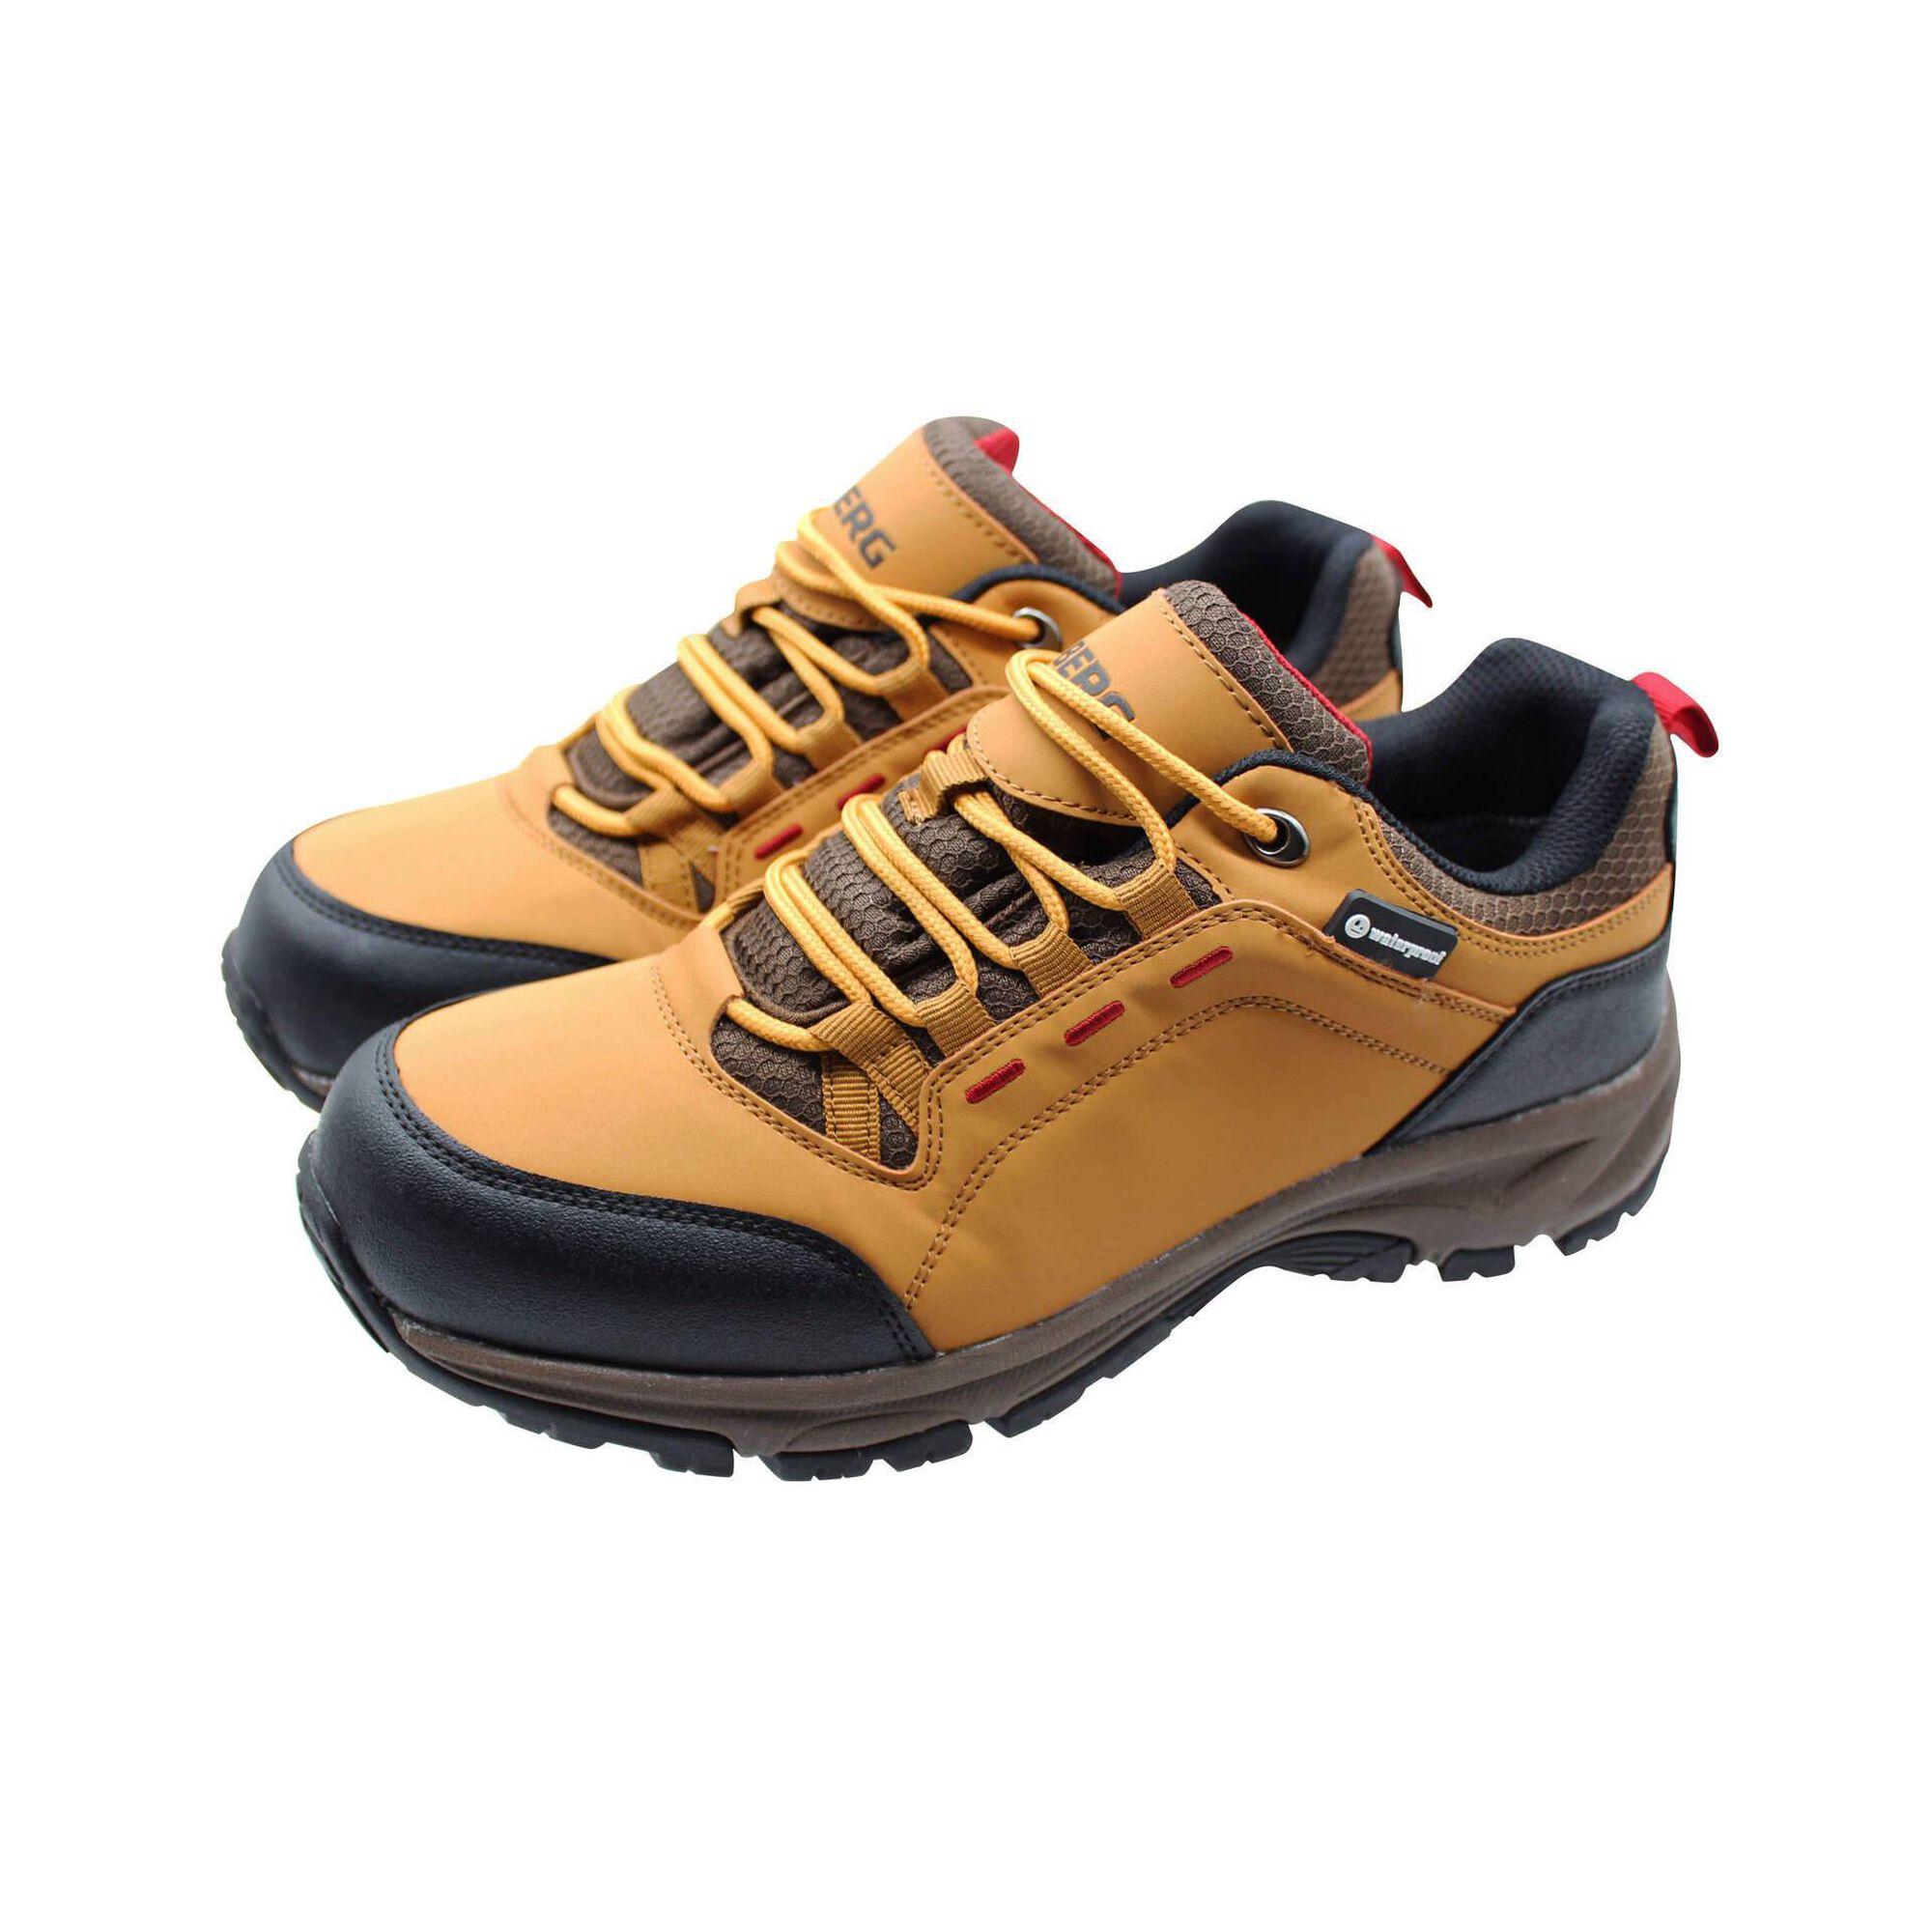 Sapatos Caminhada Impermeáveis Amarelos Grudy